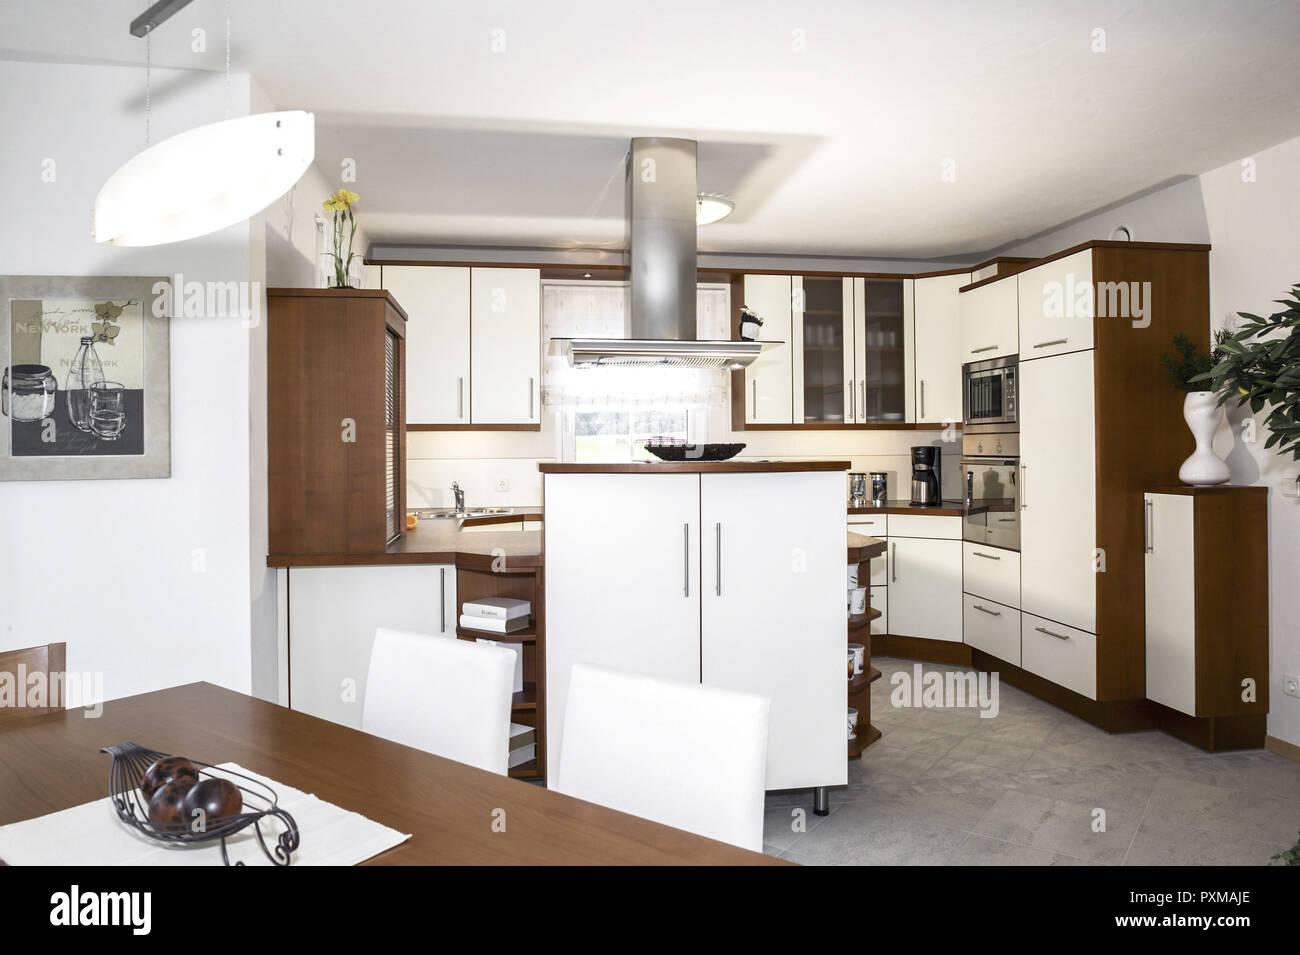 Innenaufnahme Inneneinrichtung Kueche Wohnen Wohnung Wohnraum